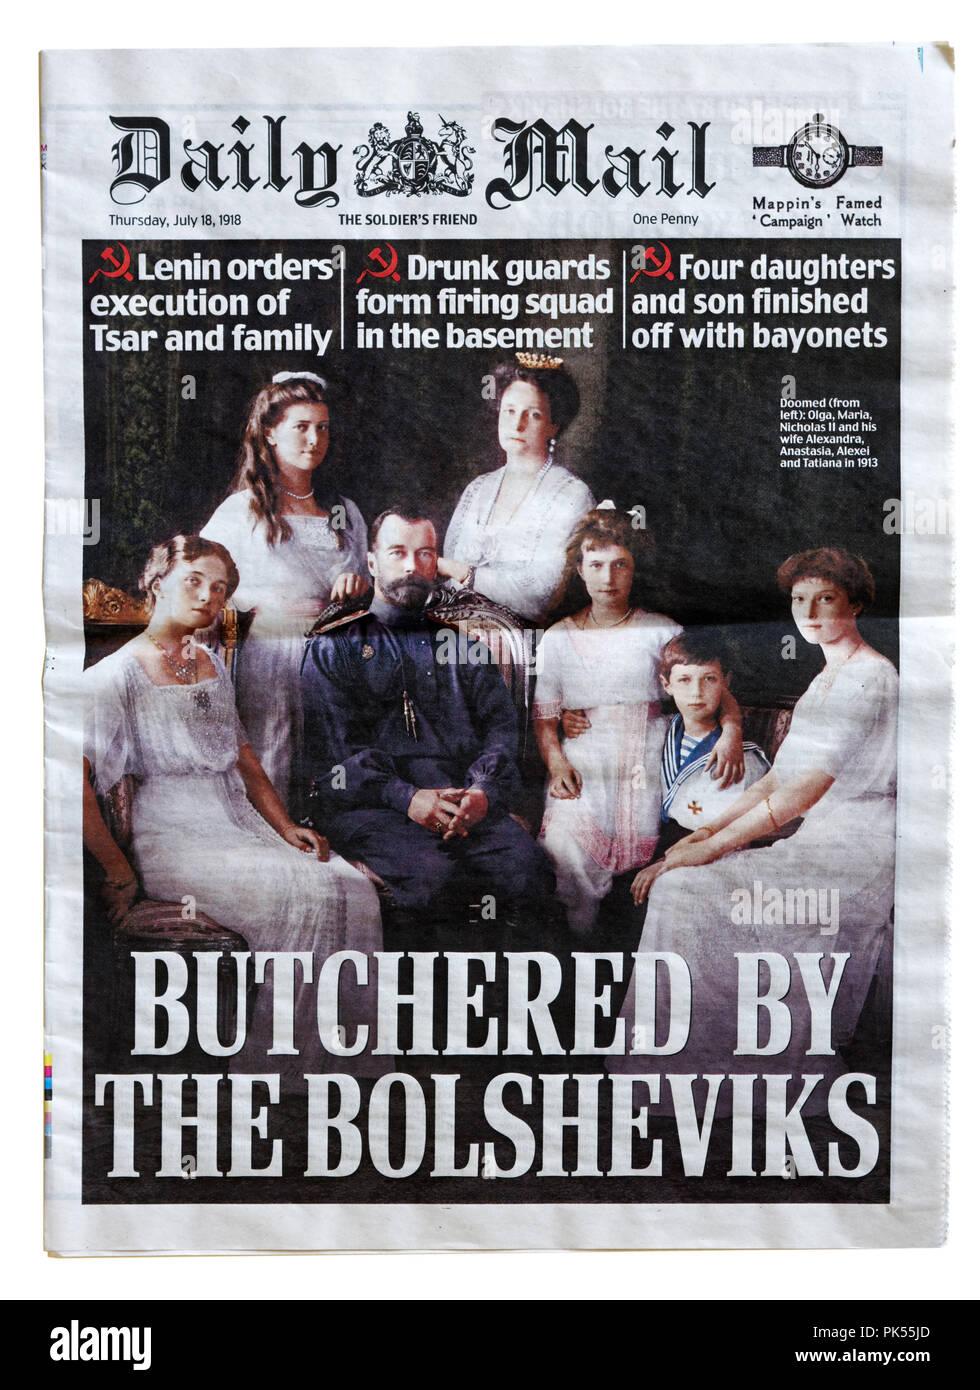 Portada del Daily Mail con el título masacrado por los bolcheviques, para conmemorar el aniversario de la ejecución de los Romanov Imagen De Stock